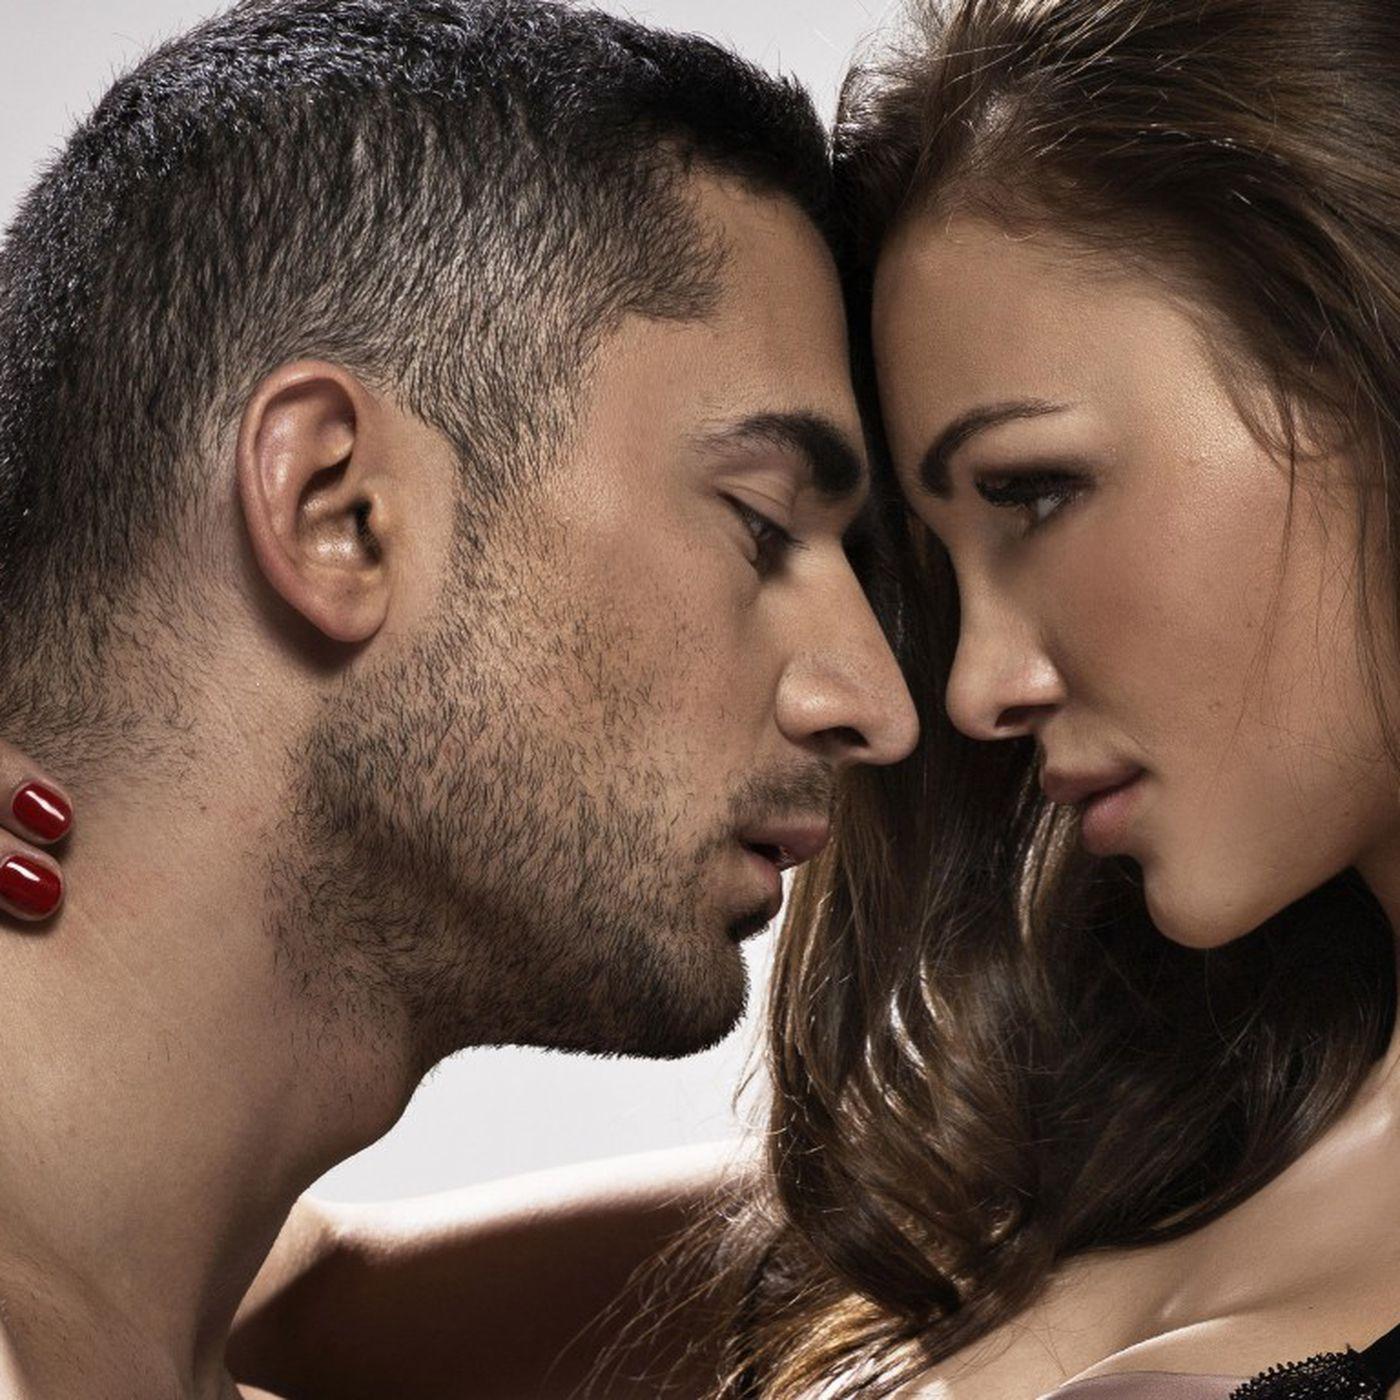 Erkekler ve Dişiler: Karşıt Cinsiyeti Hangi Özelliklerine Göre Seçiyoruz?